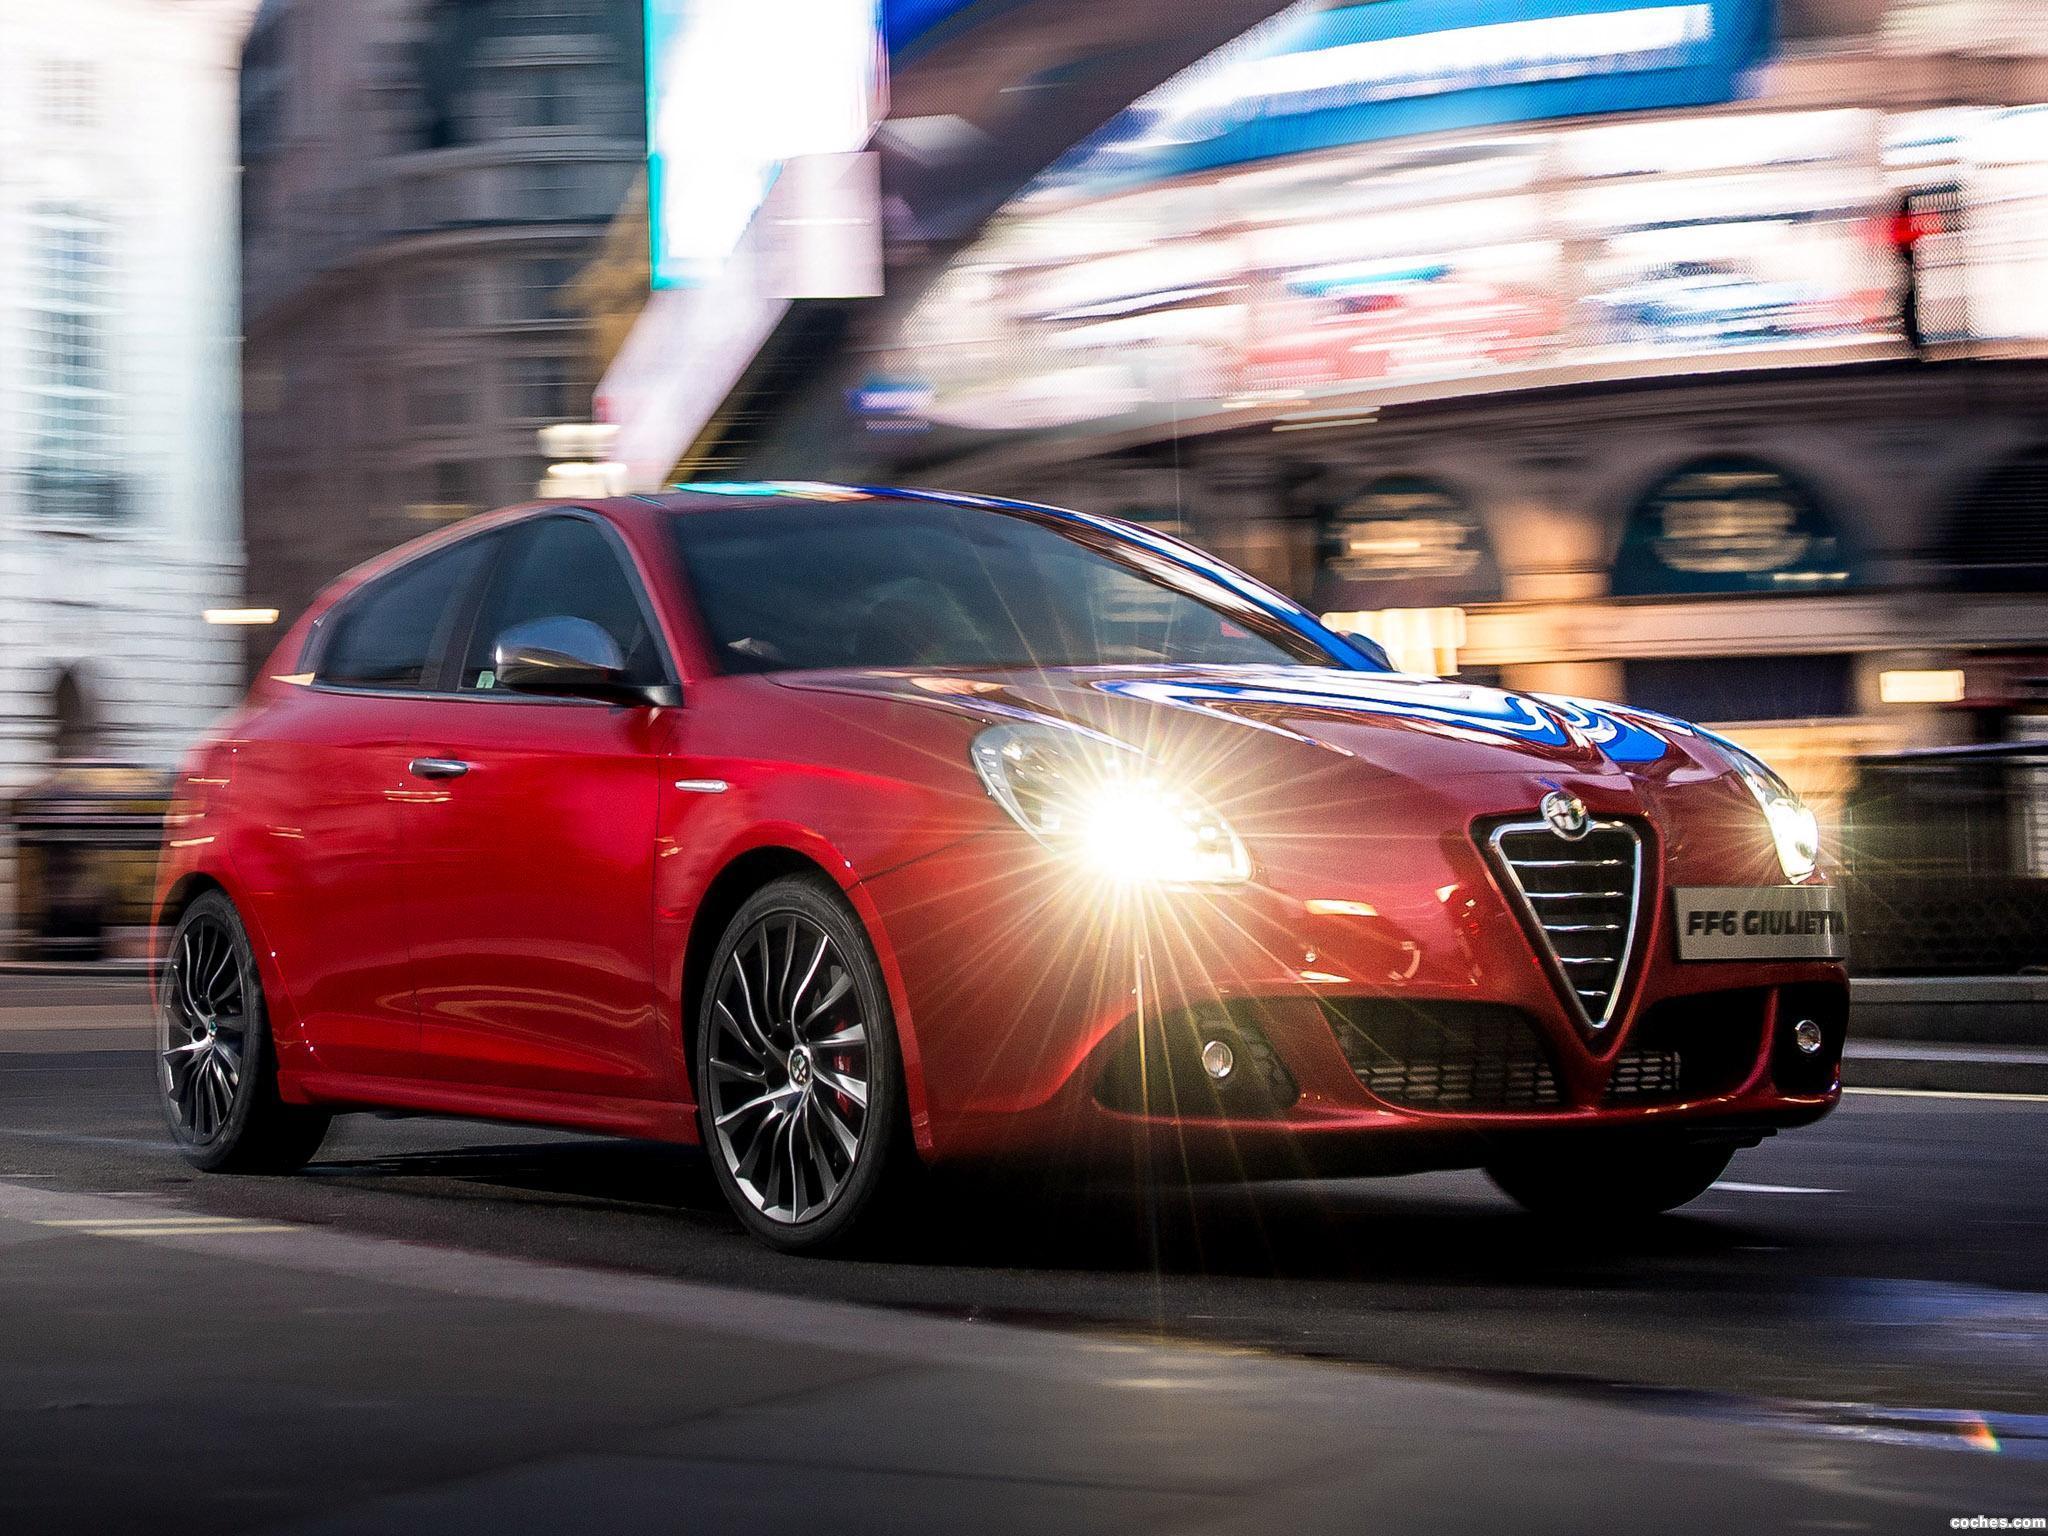 Foto 0 de Alfa Romeo Giulietta FF6 2013